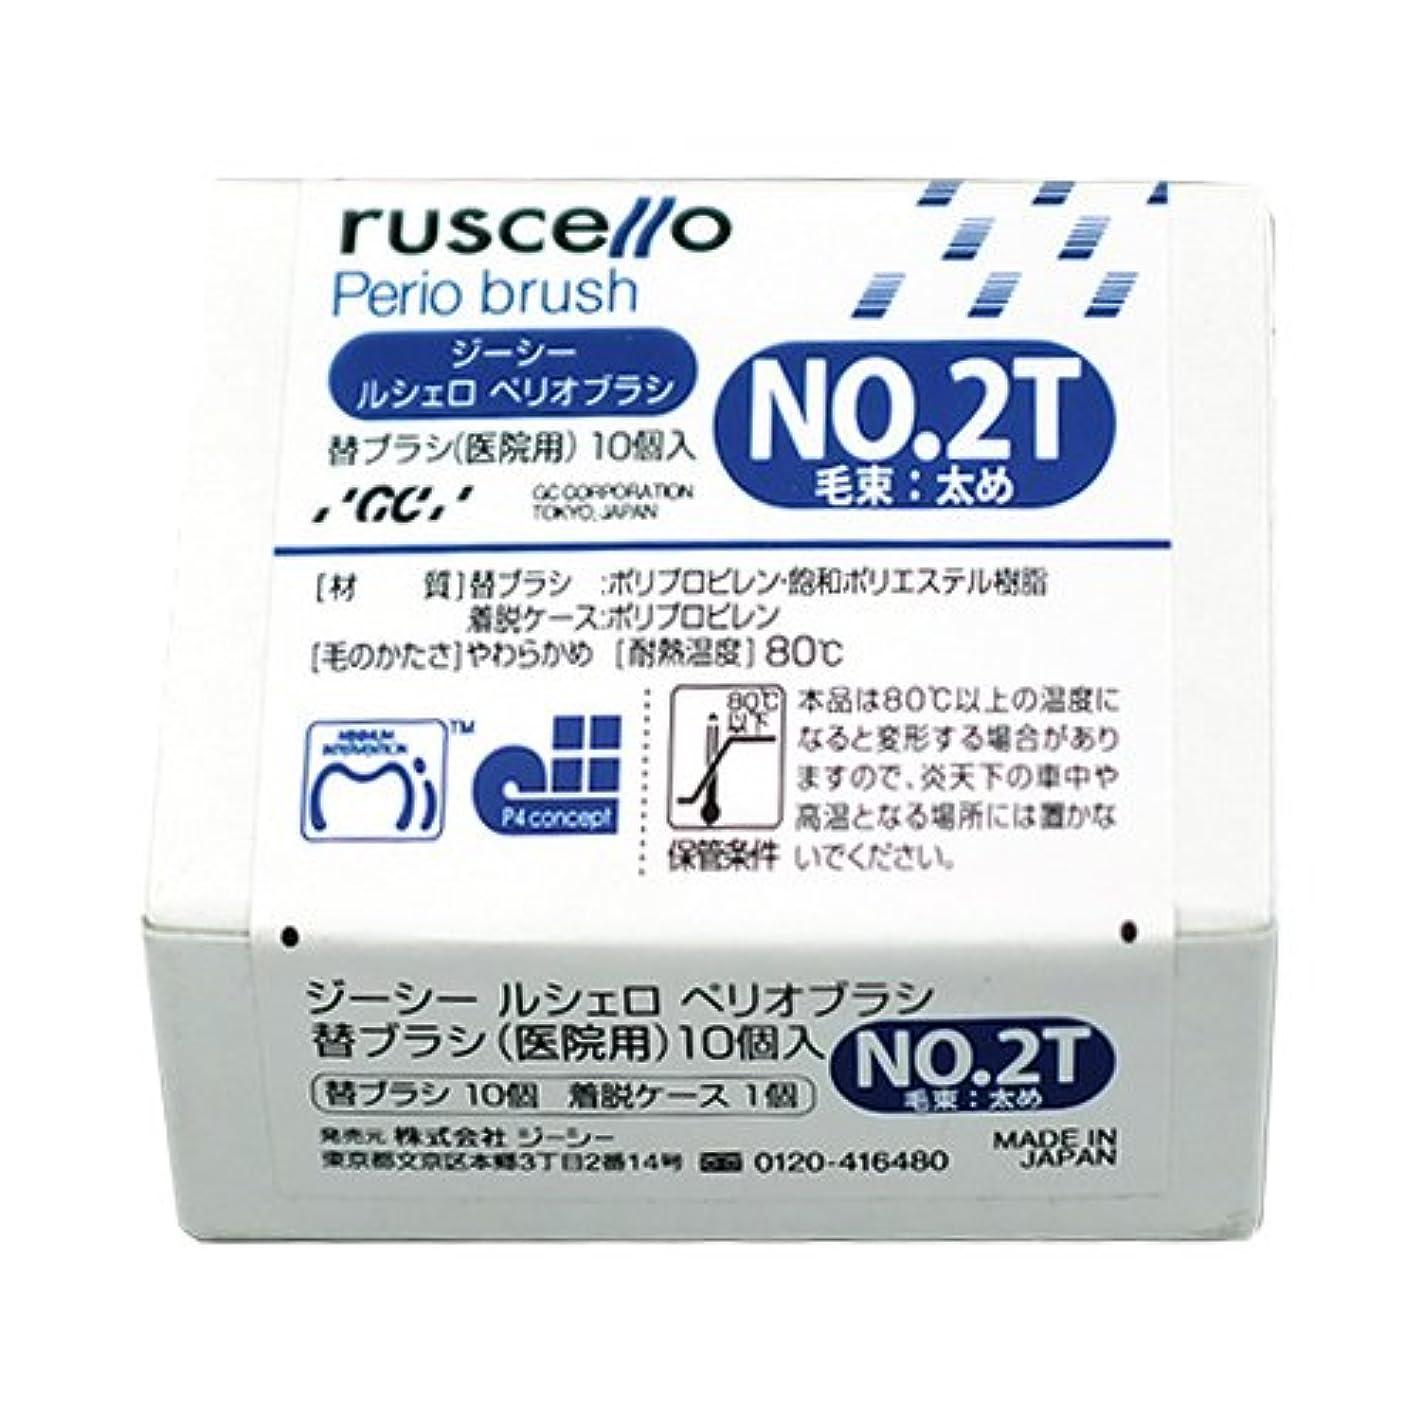 解決するルーチン救いジーシー(GC) ルシェロ ペリオブラシ 替ブラシ NO.2T(10個入)